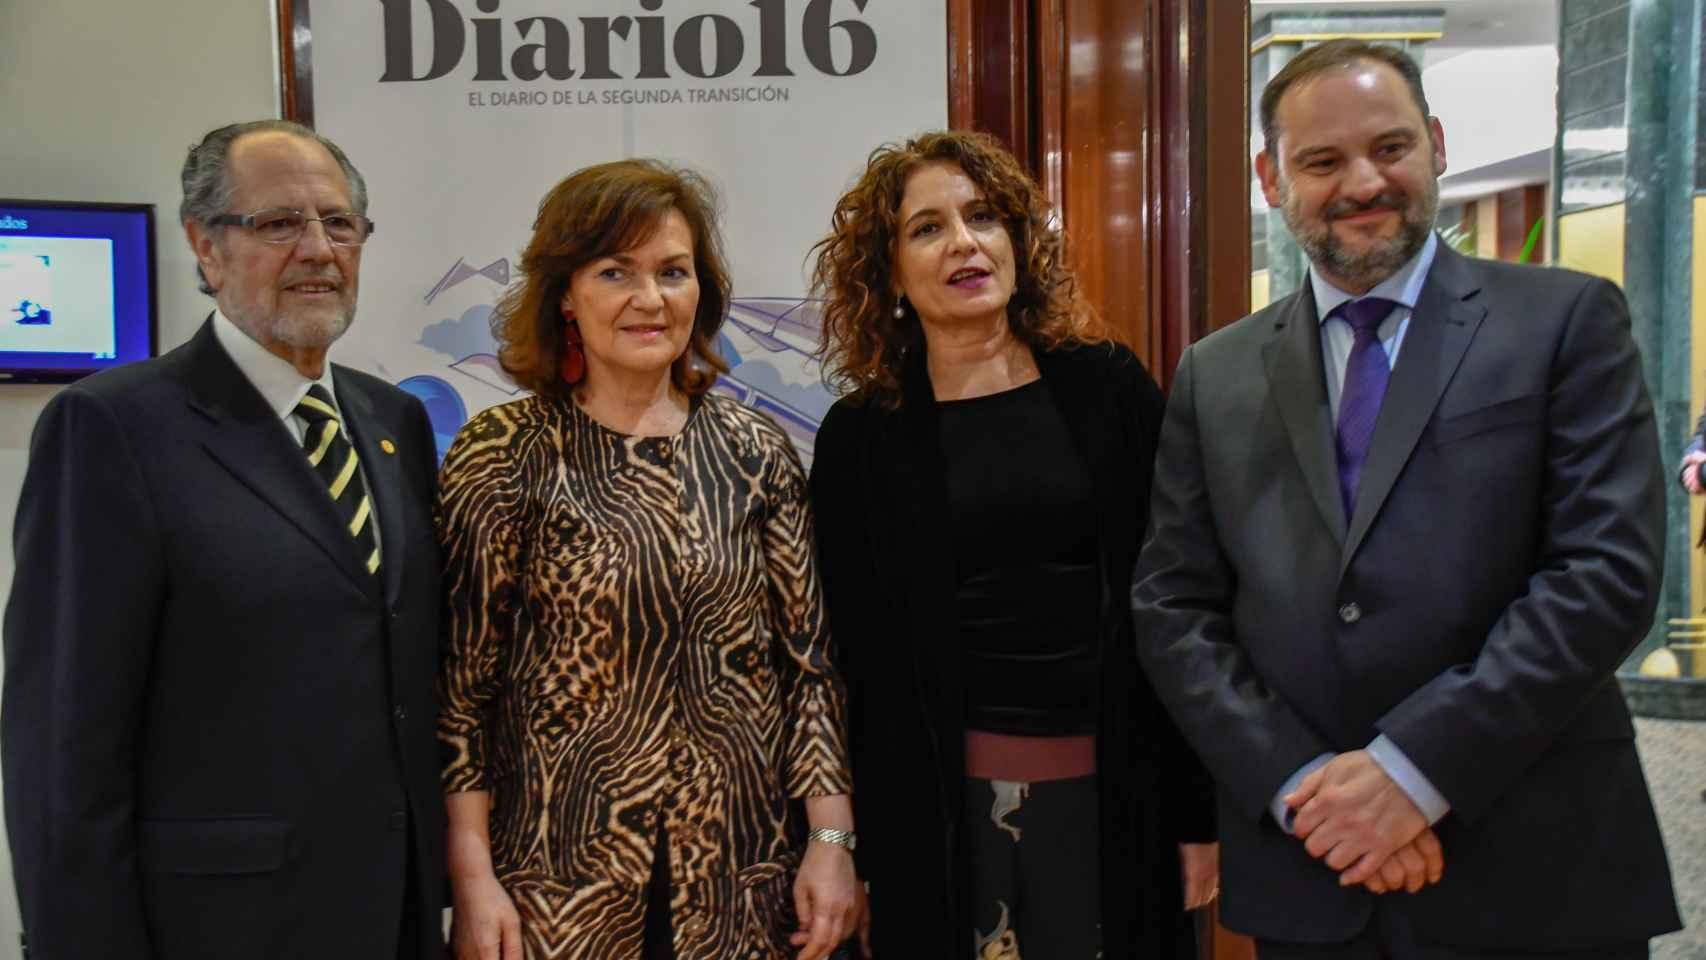 El editor de Diario 16, junto con la vicepresidenta del Gobierno Carmen Calvo, y los ministros de Fomento, José Luis Ábalos y de Economía, María Jesús Montero.